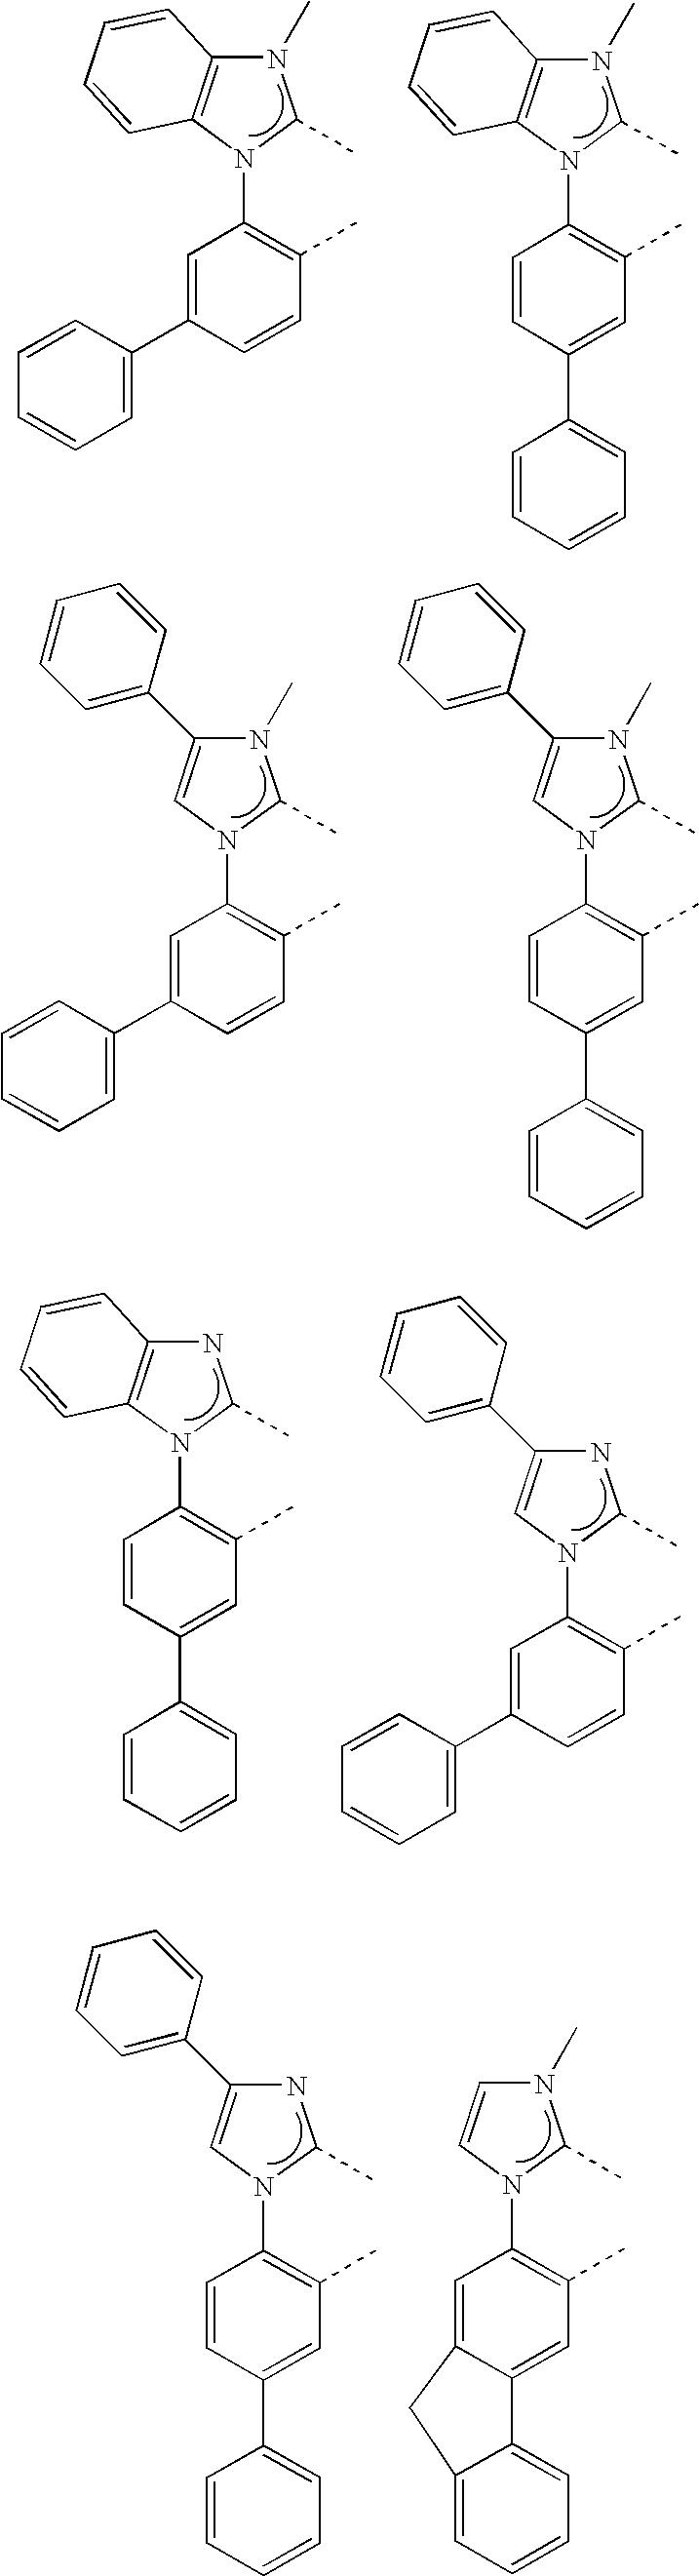 Figure US20050260441A1-20051124-C00080